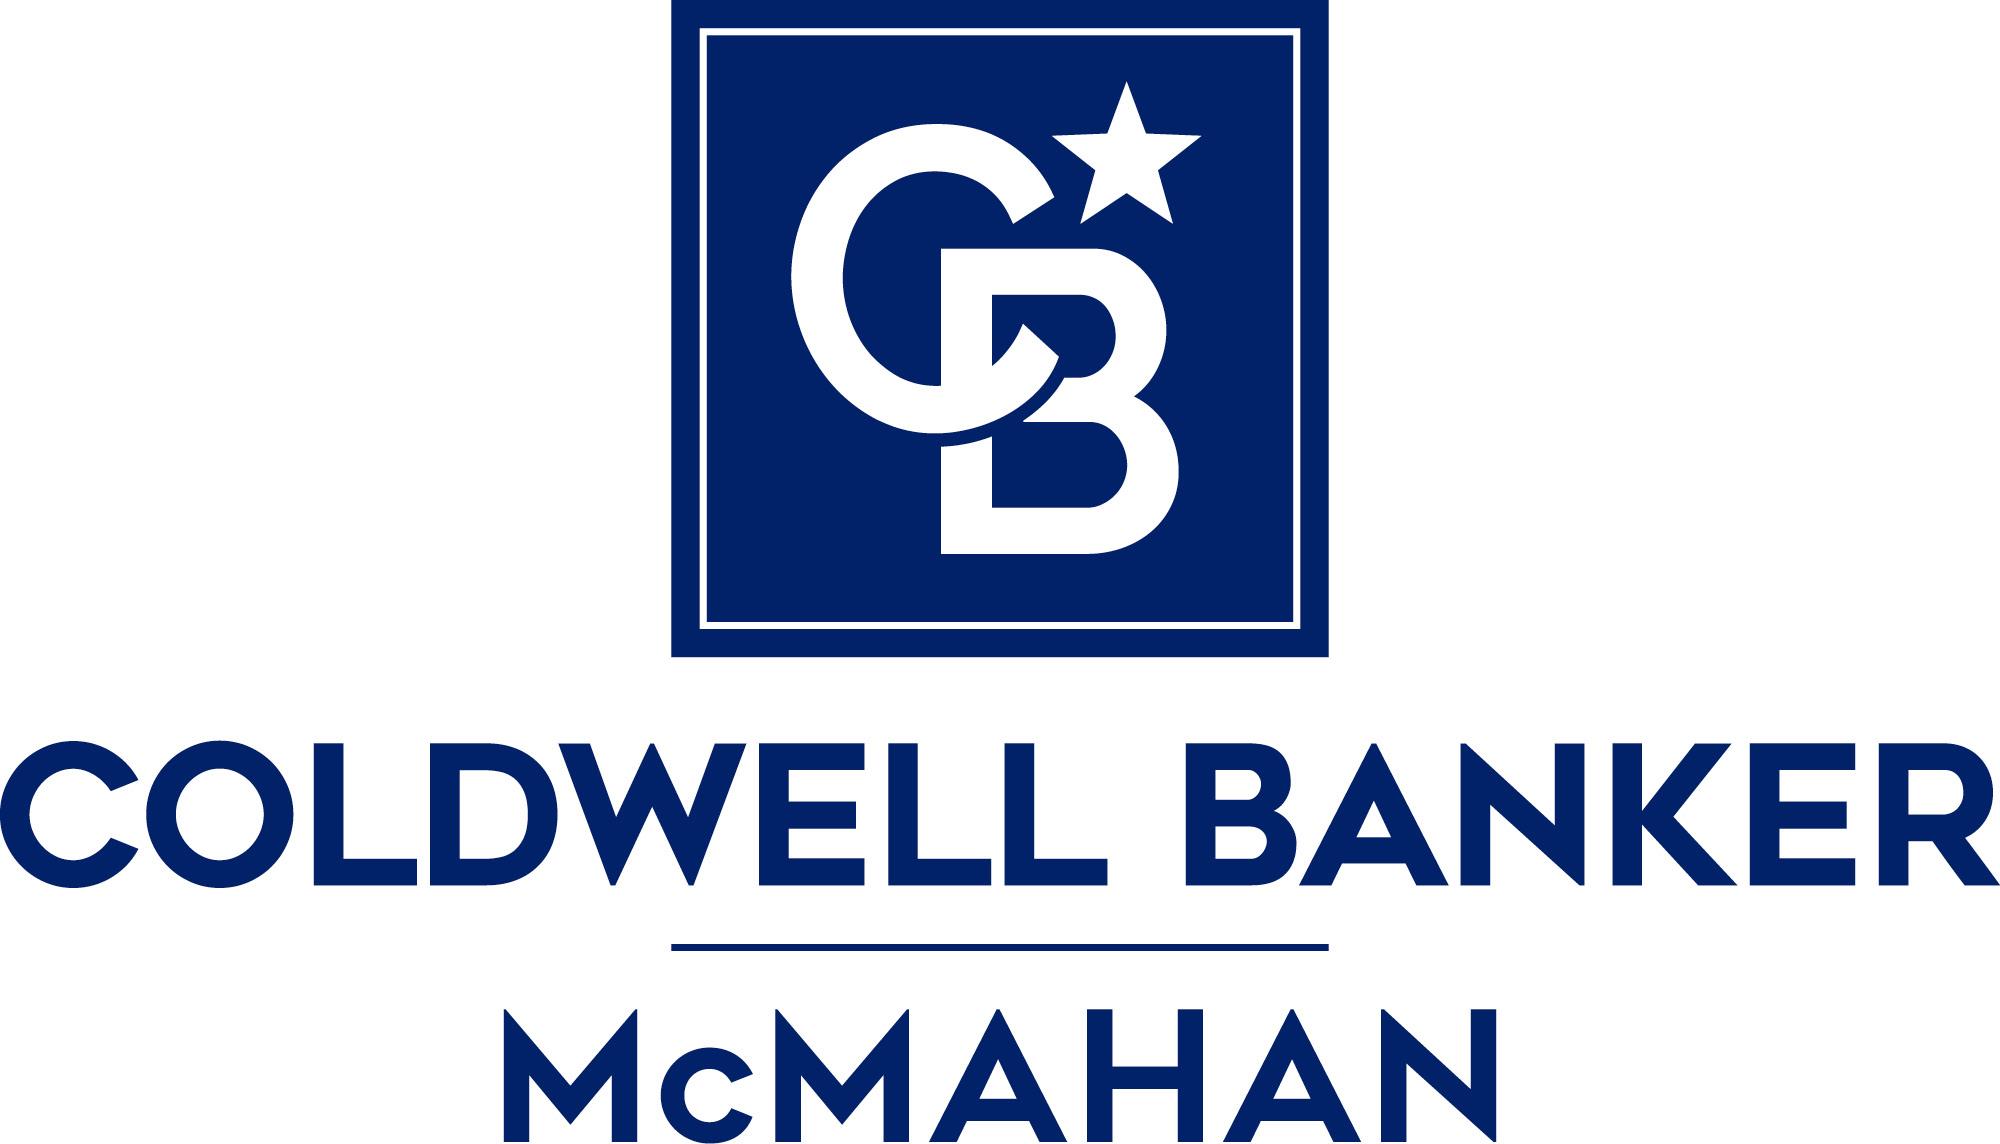 Brad Hilton - Coldwell Banker McMahan